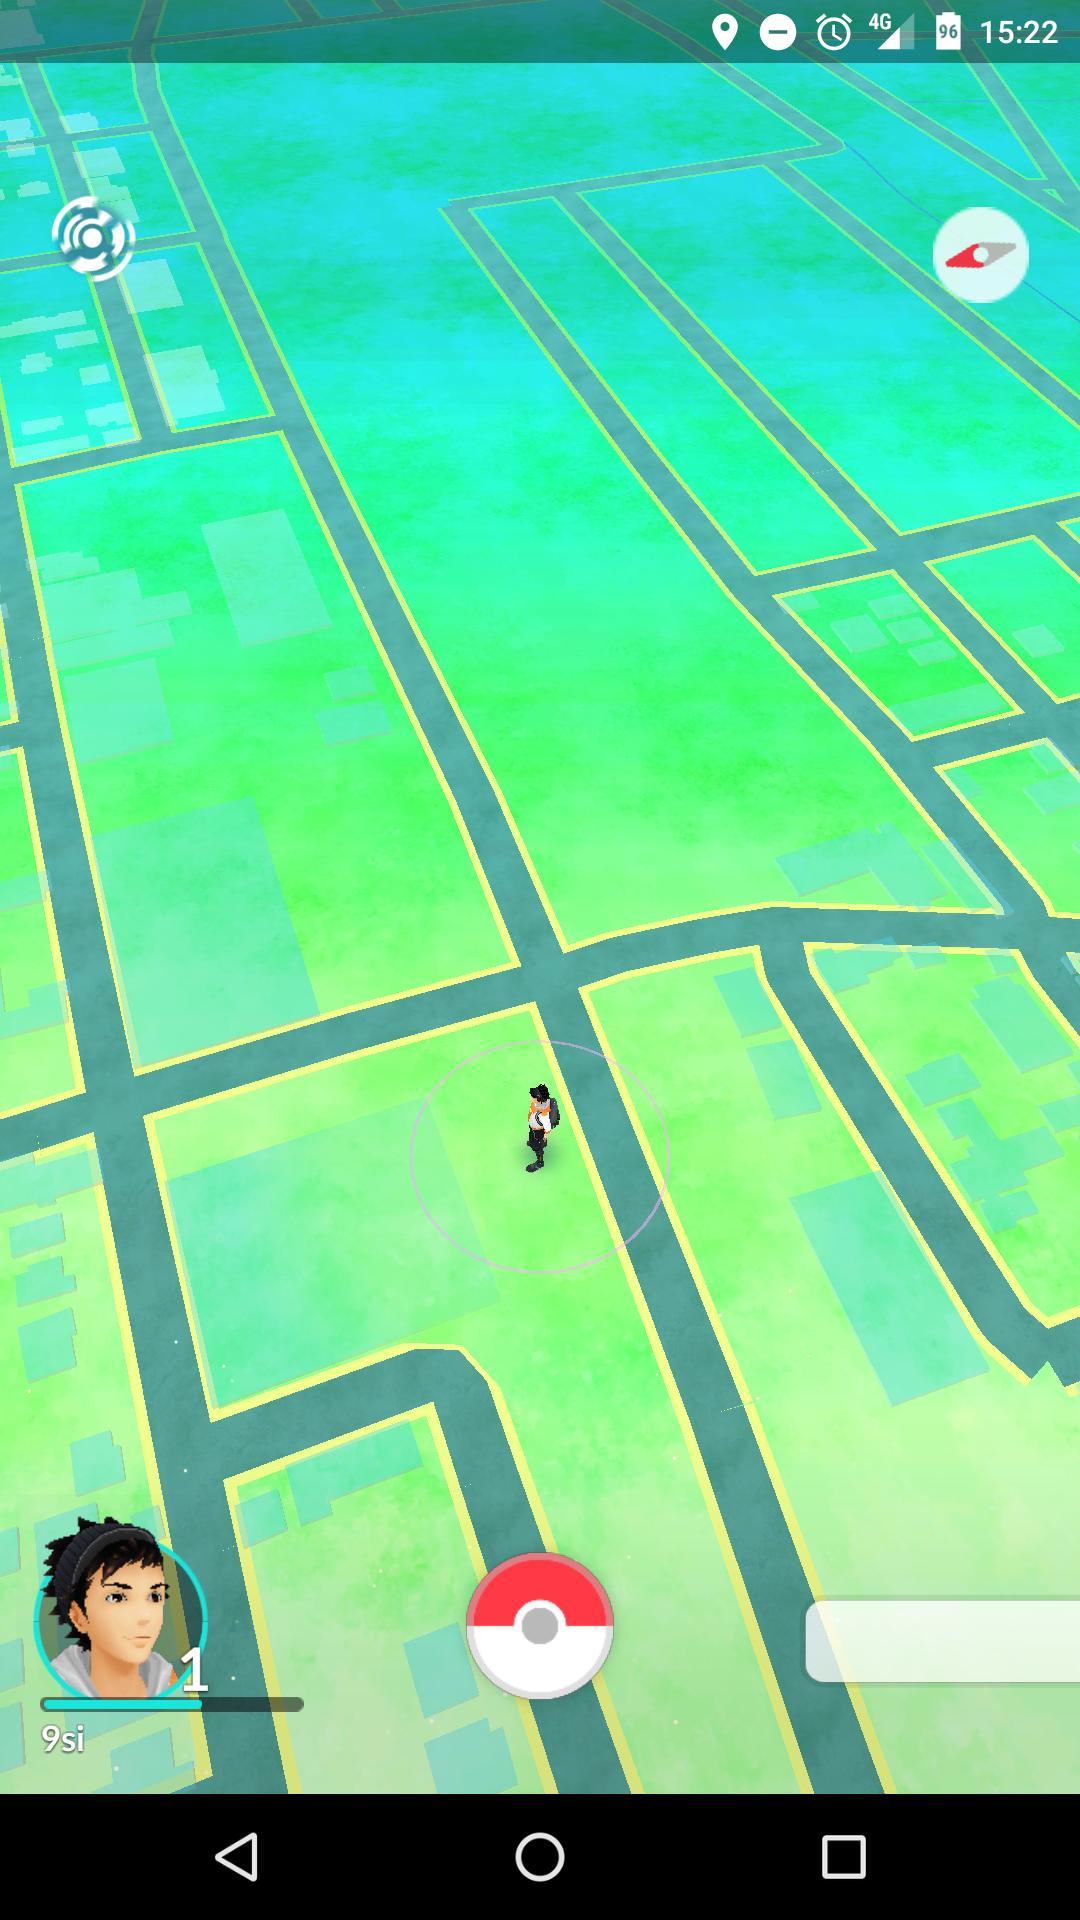 ポケモンGOの地図(マップ)に不具合が?表示が変わったり出ないバグも発生?のサムネイル画像